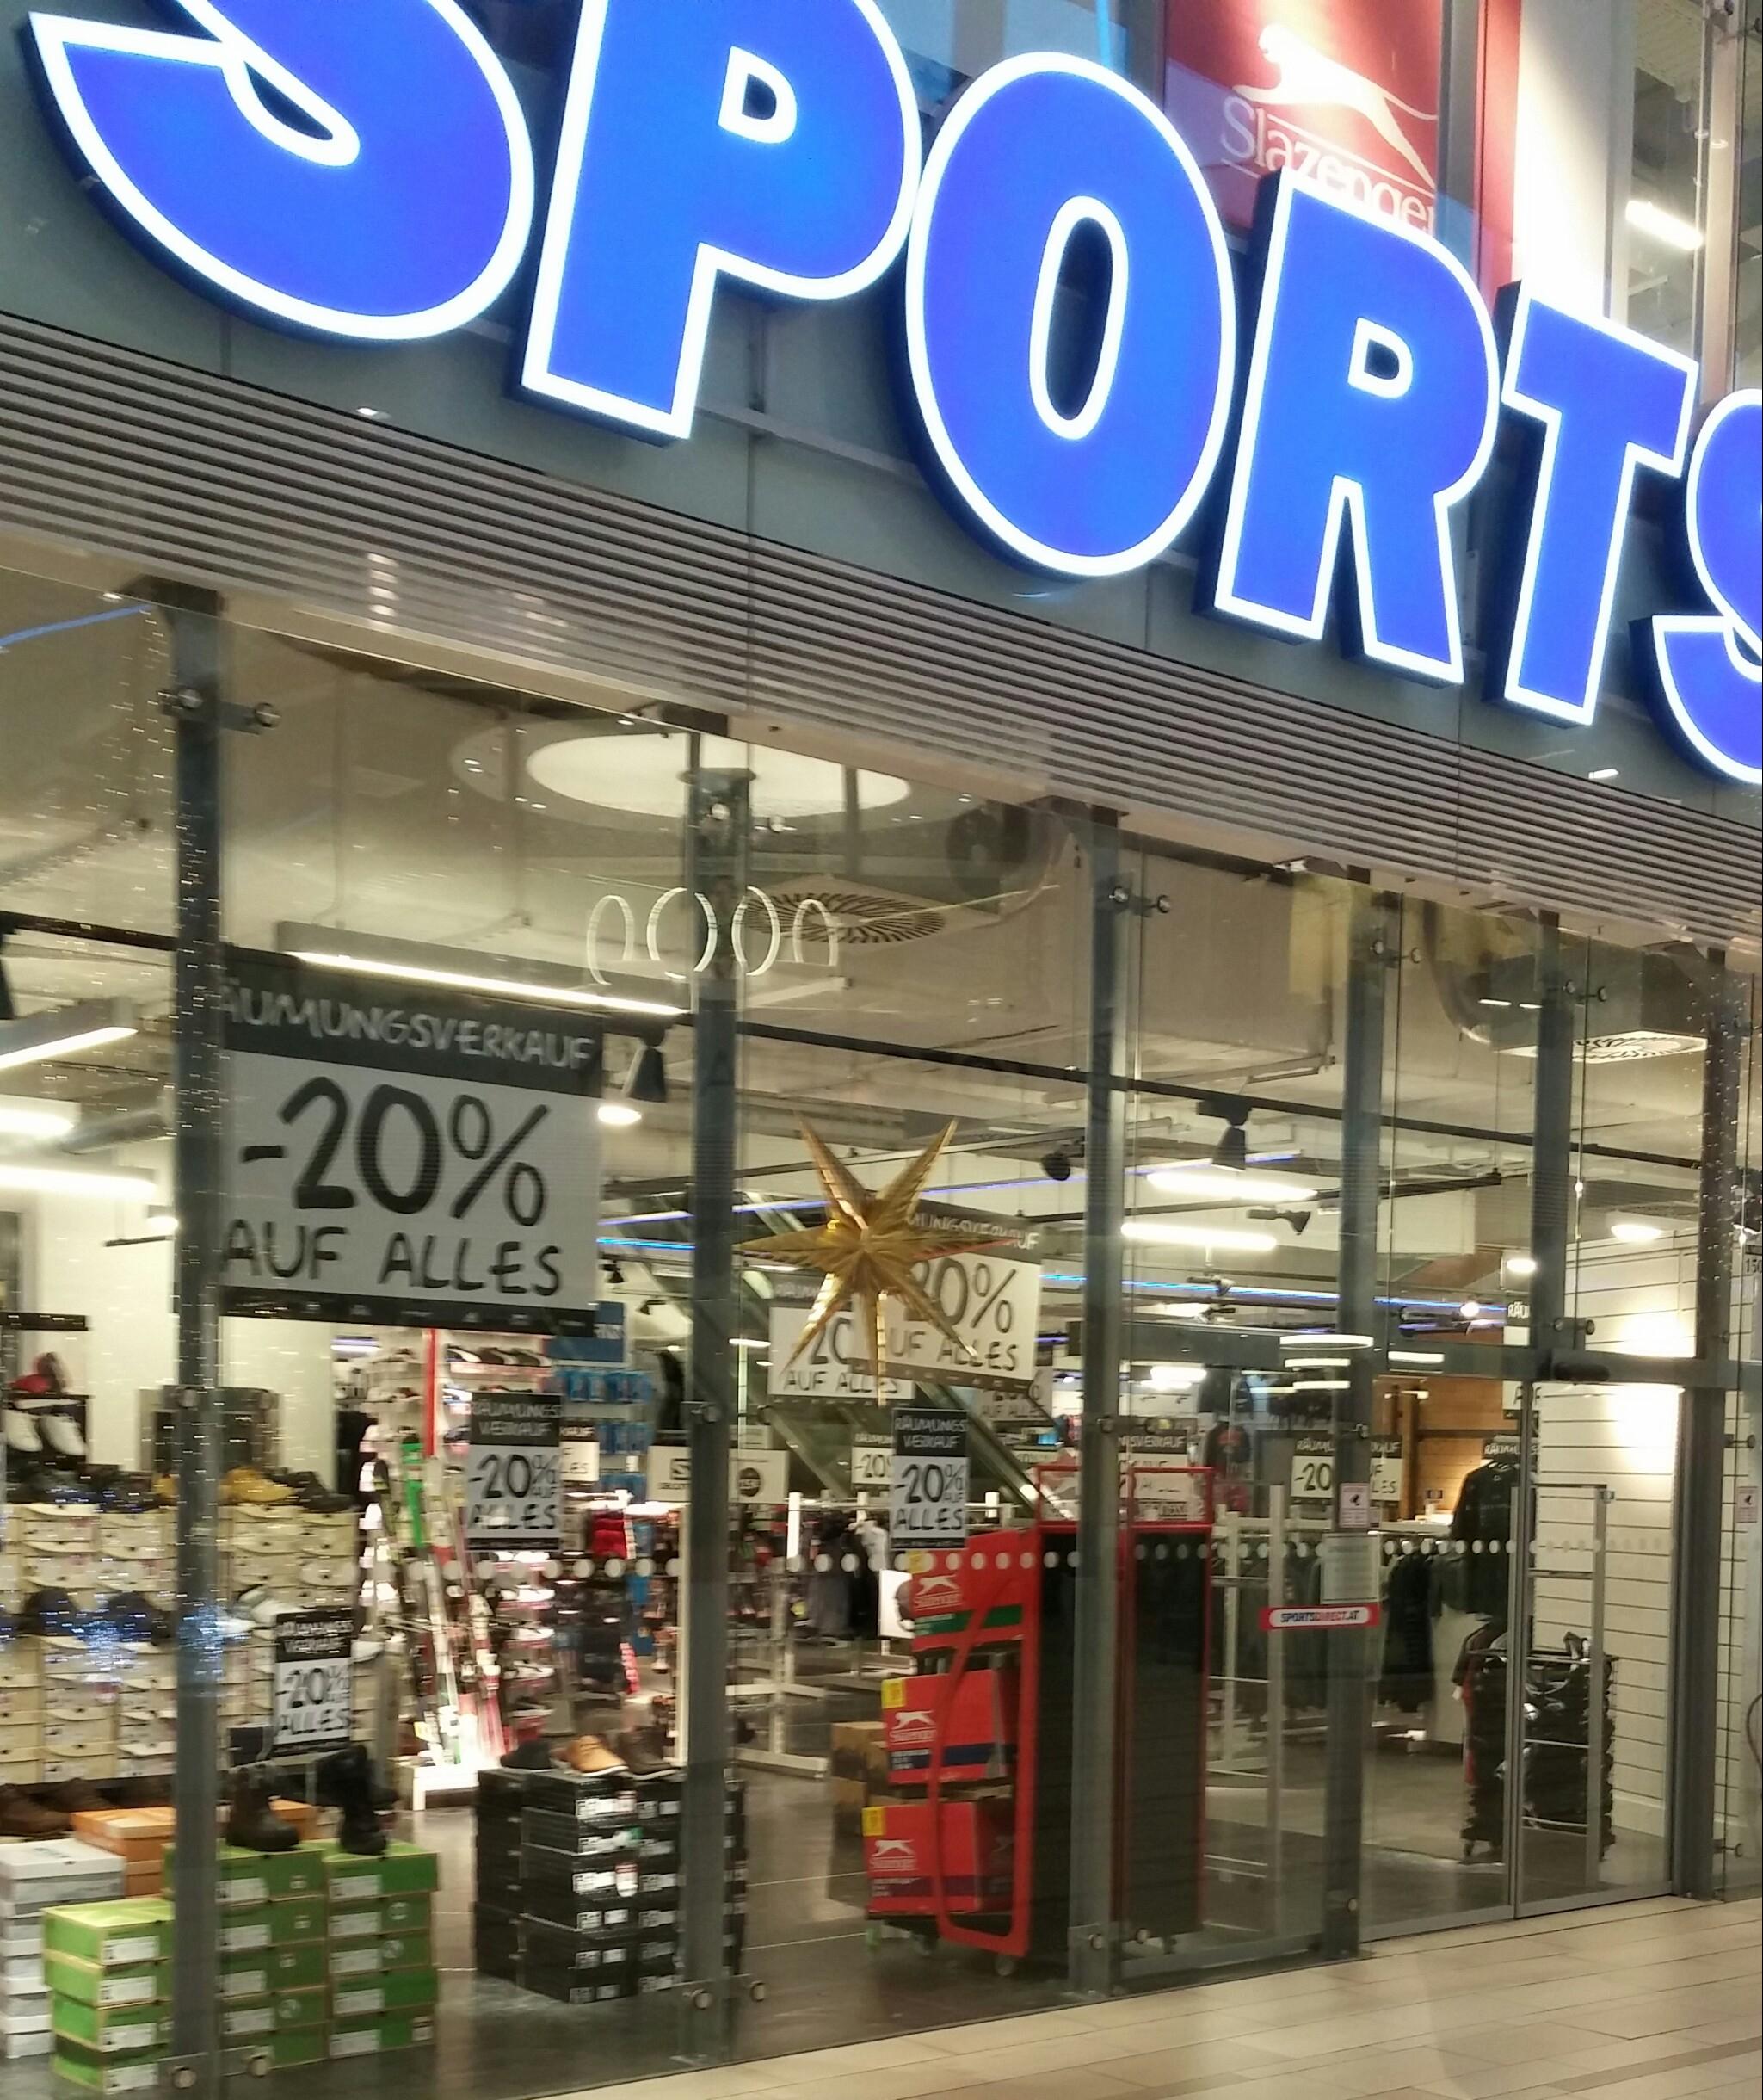 -20% auf alles (Sportsdirect SCS)